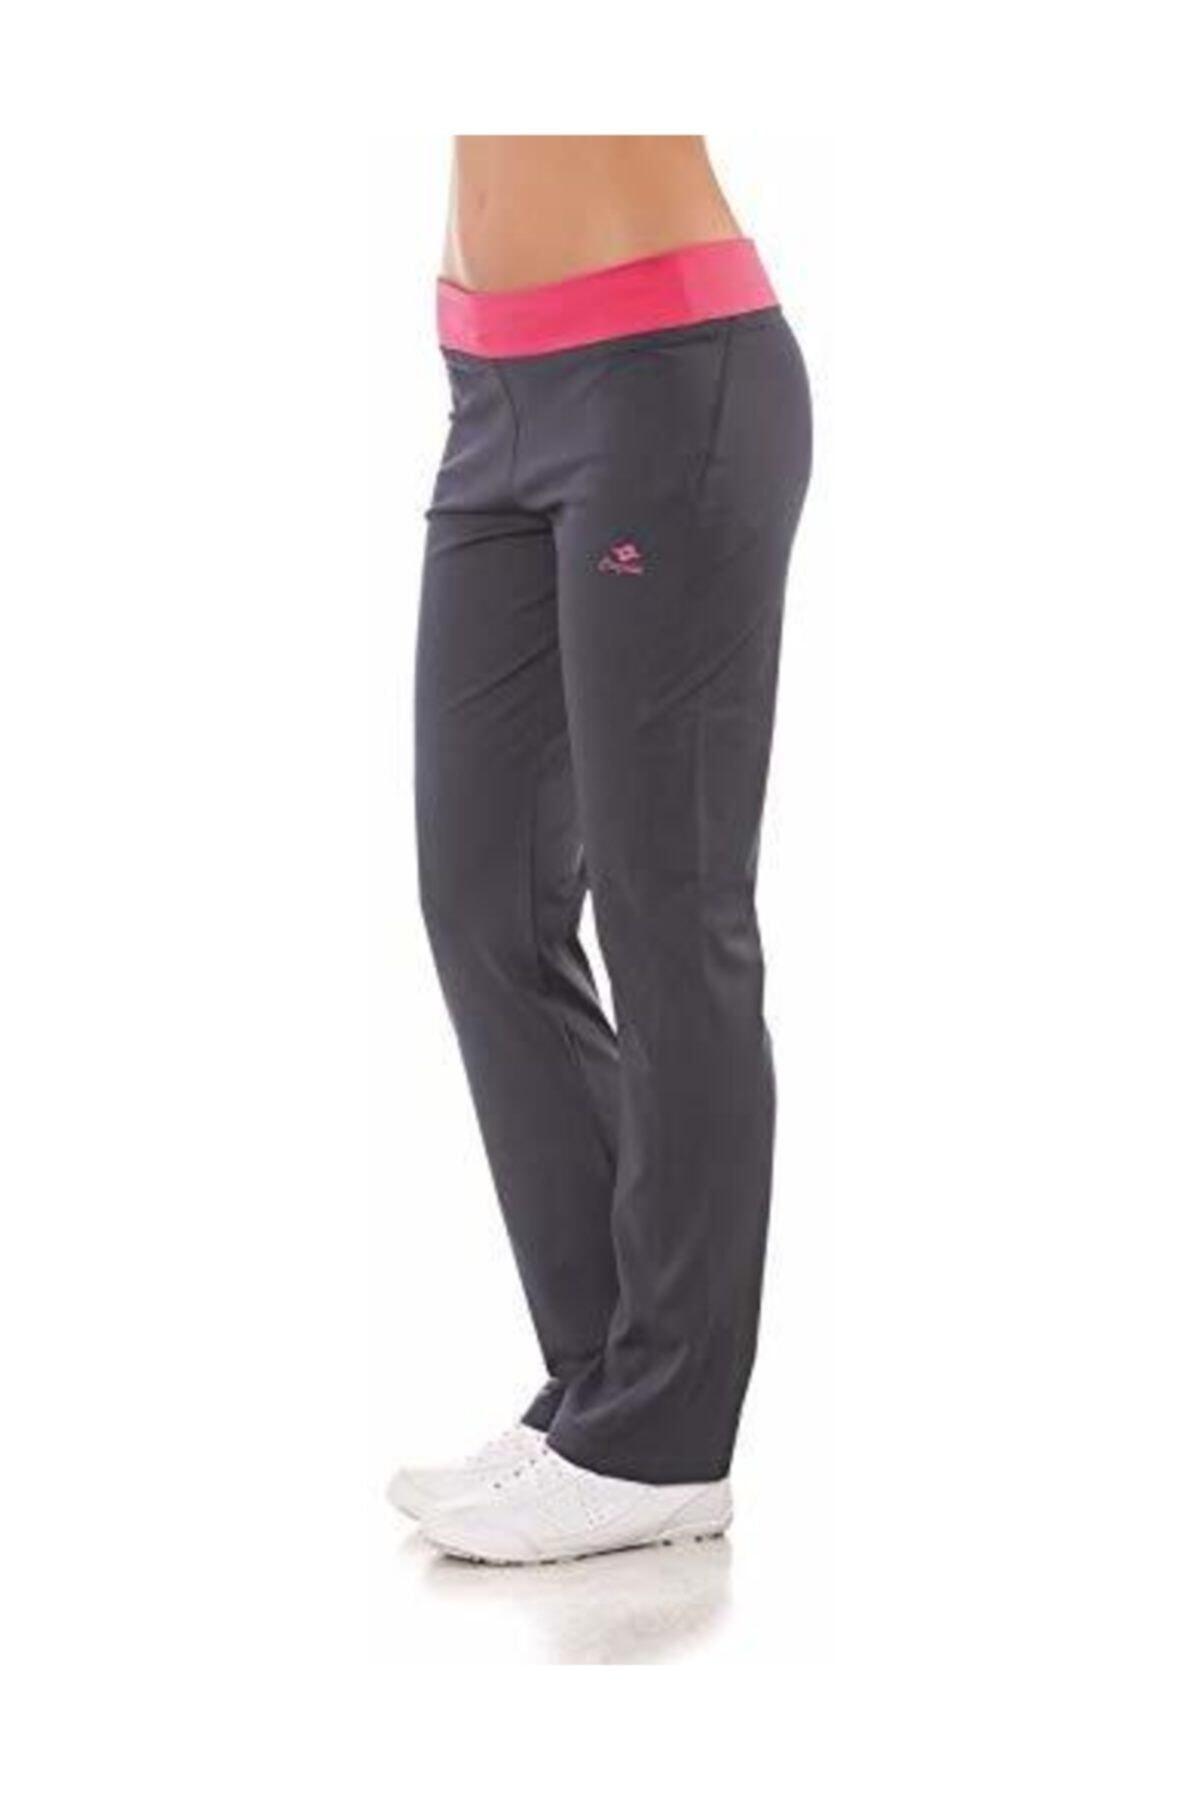 Crozwise Kadın Antrasit 2101 Regular-fit Spor Pantolon 2